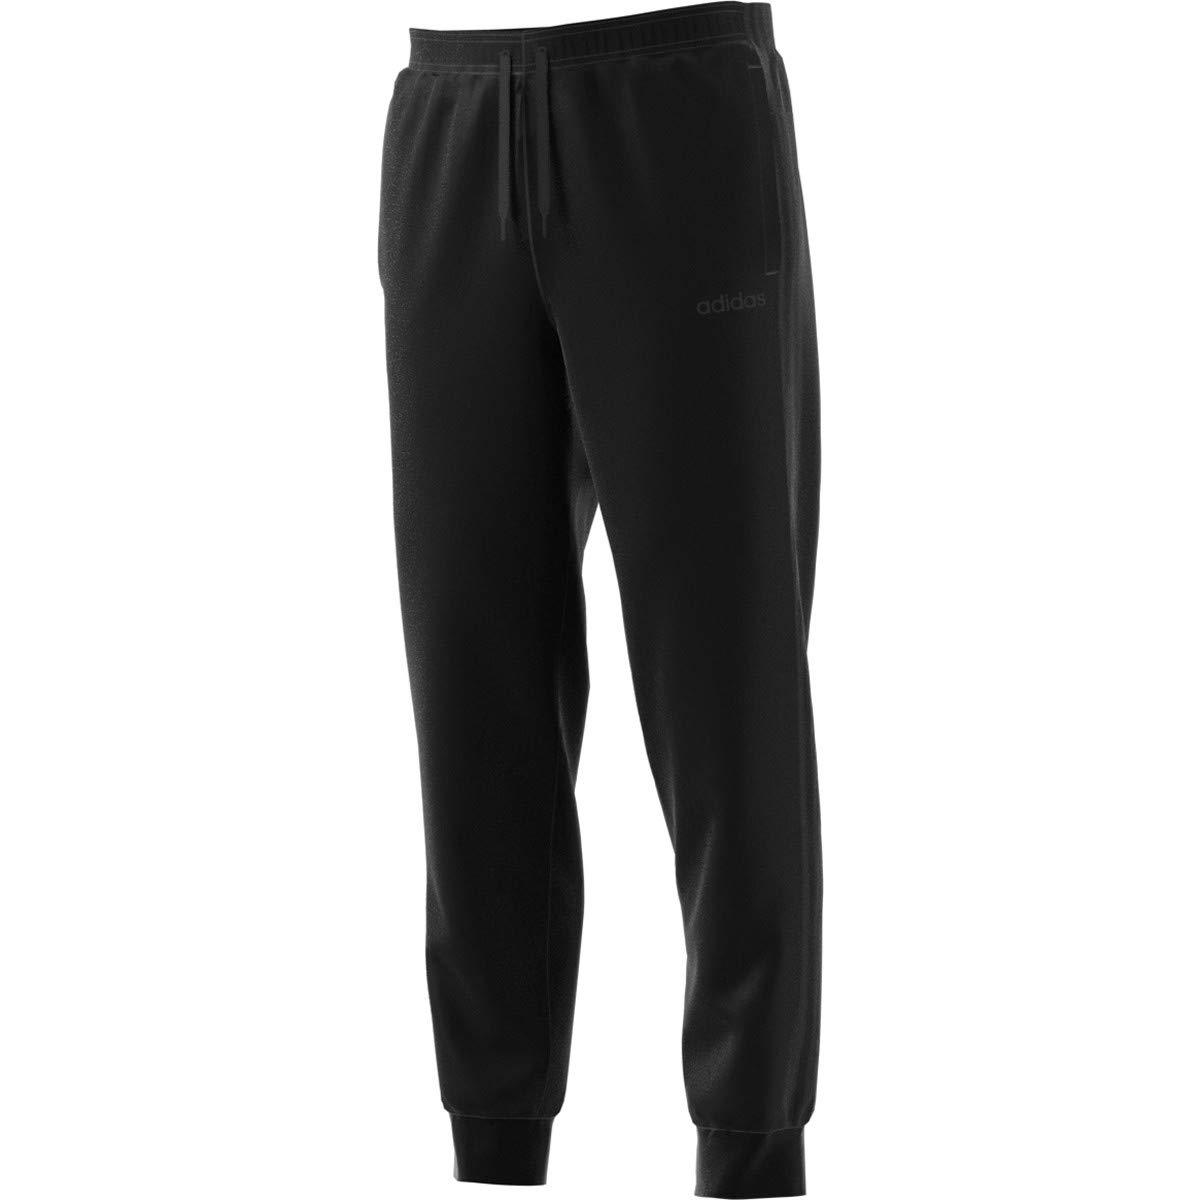 adidas Essentials 3-Stripes Pant-Men's Multi-Sport M/S Black